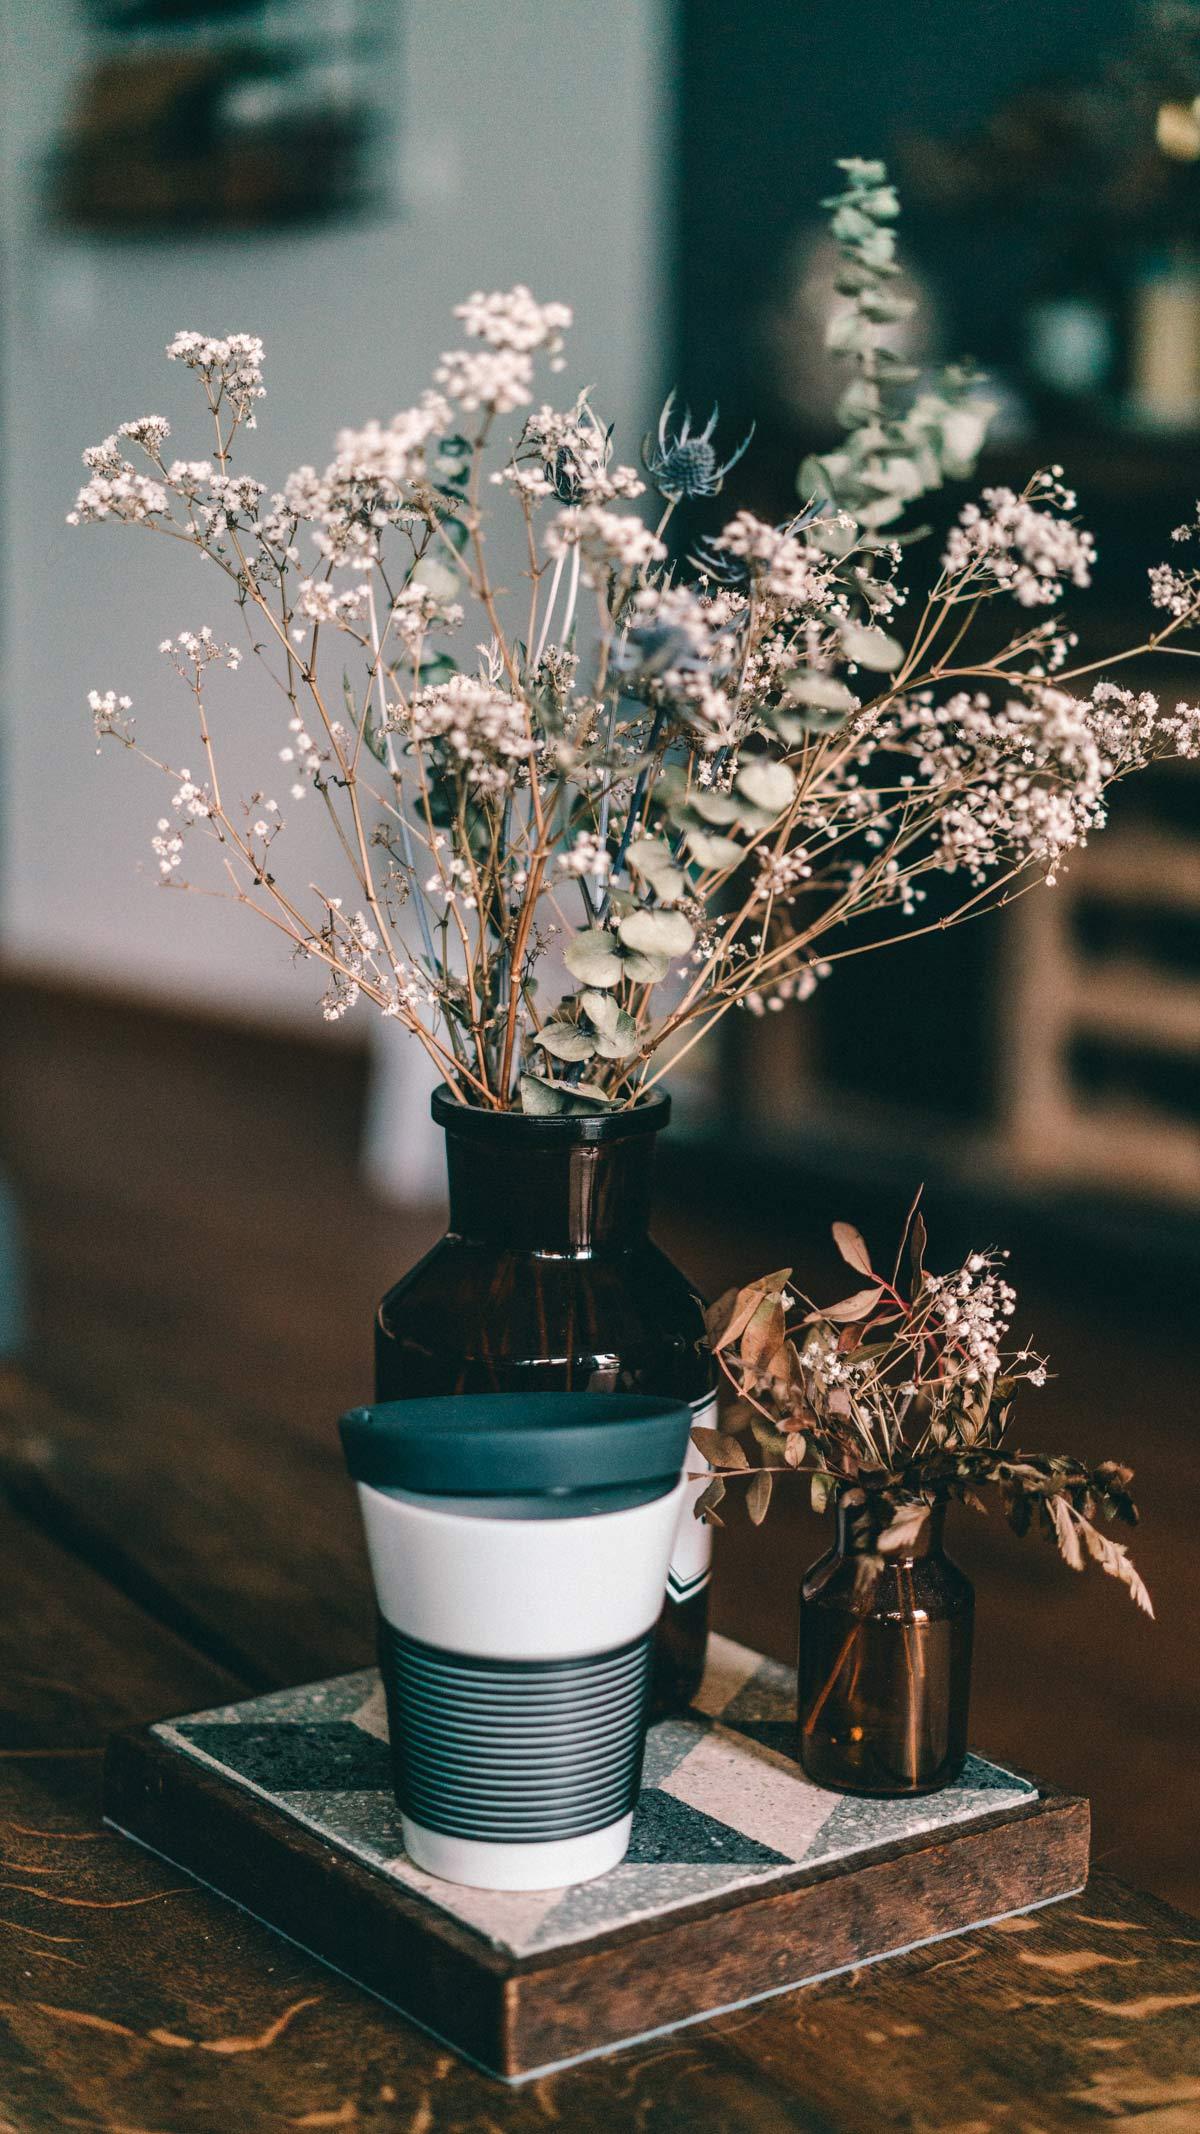 Nachhaltiger Kaffeebecher